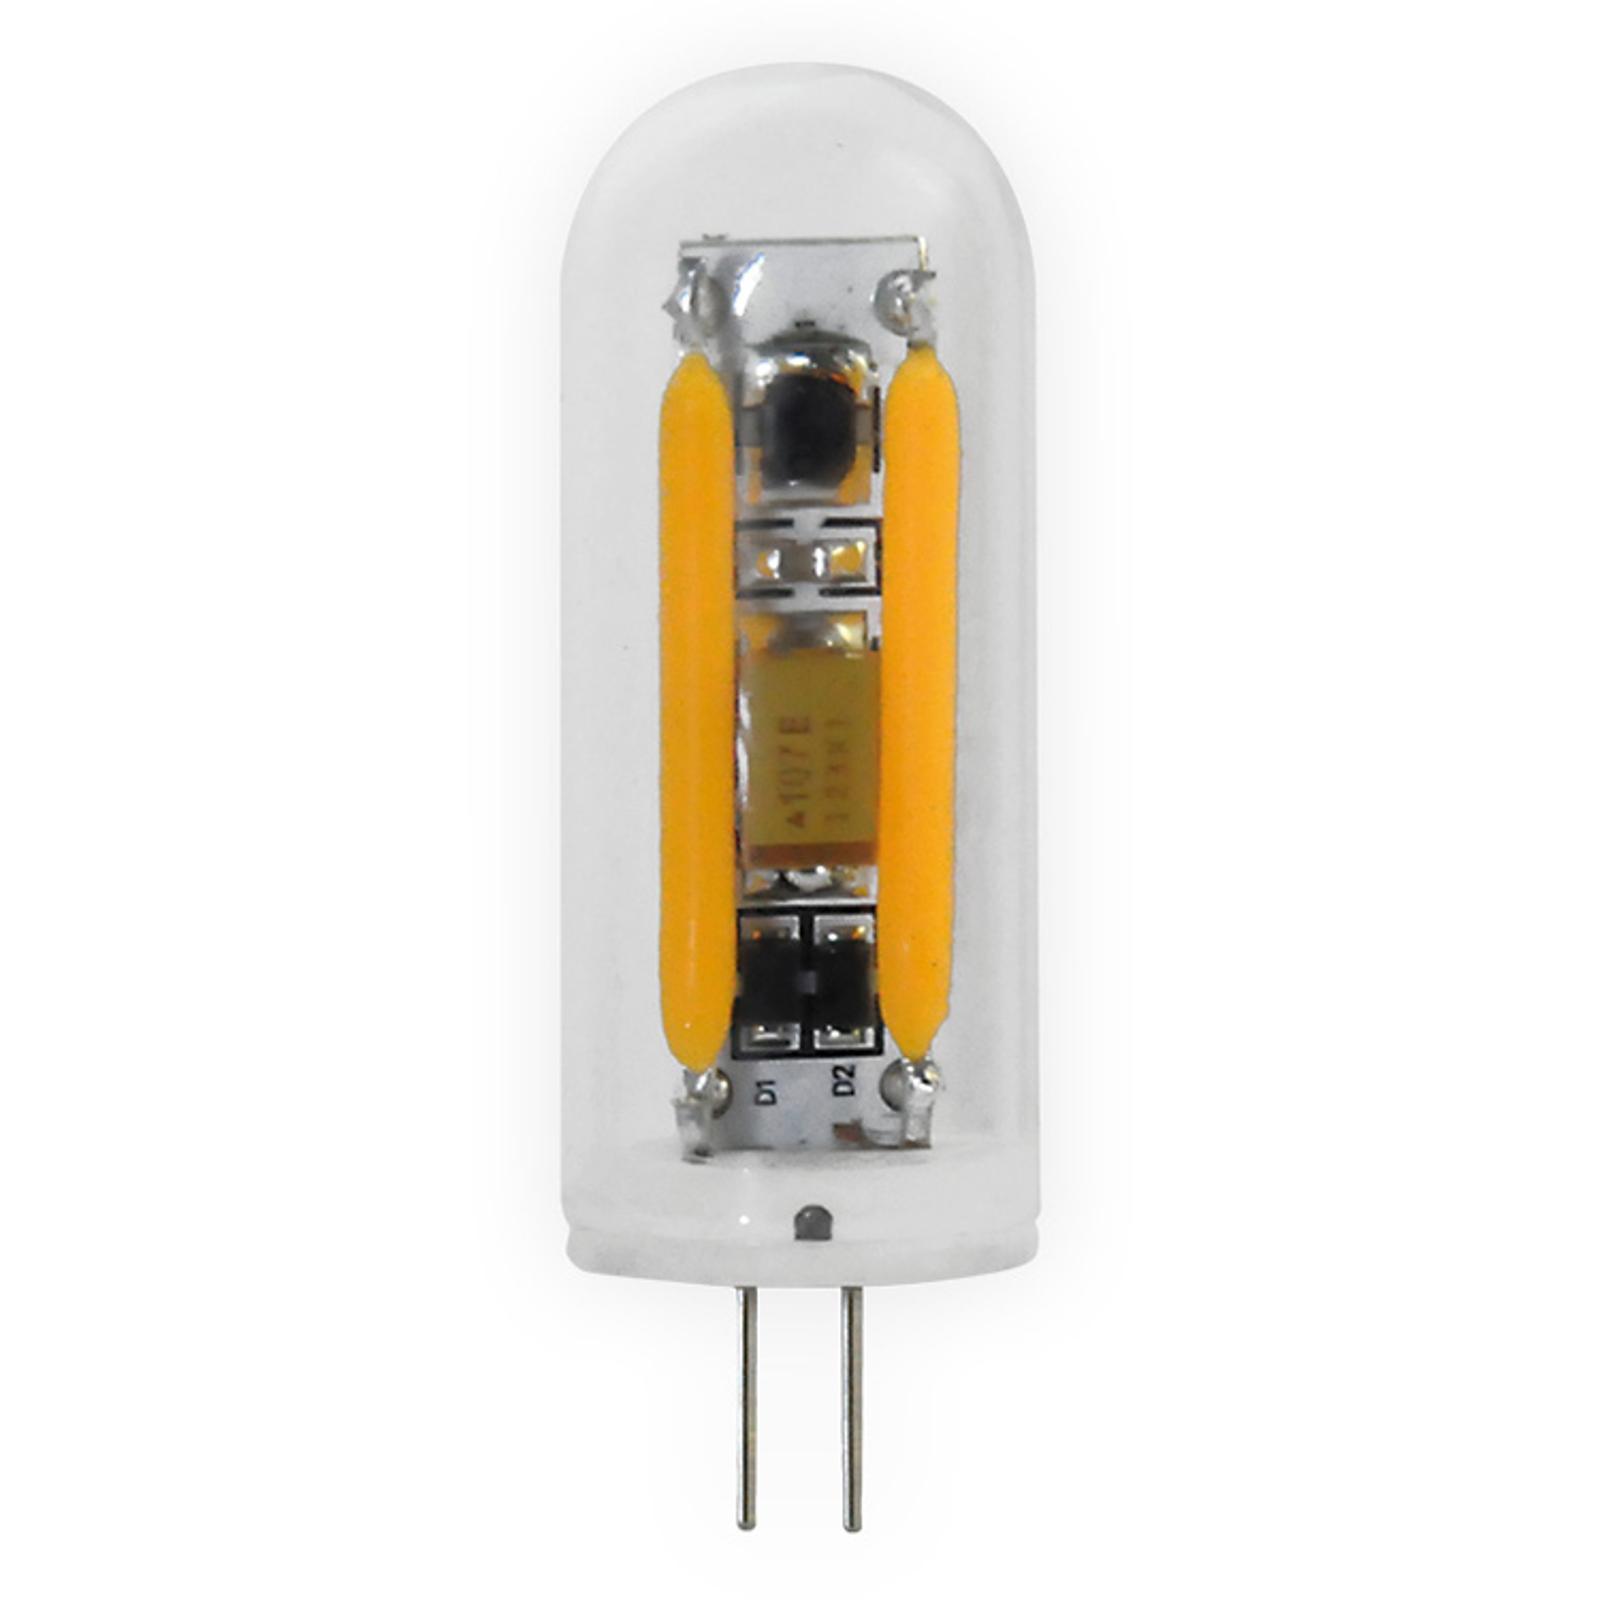 Żarówka LED G4 2W 926, przezroczysty